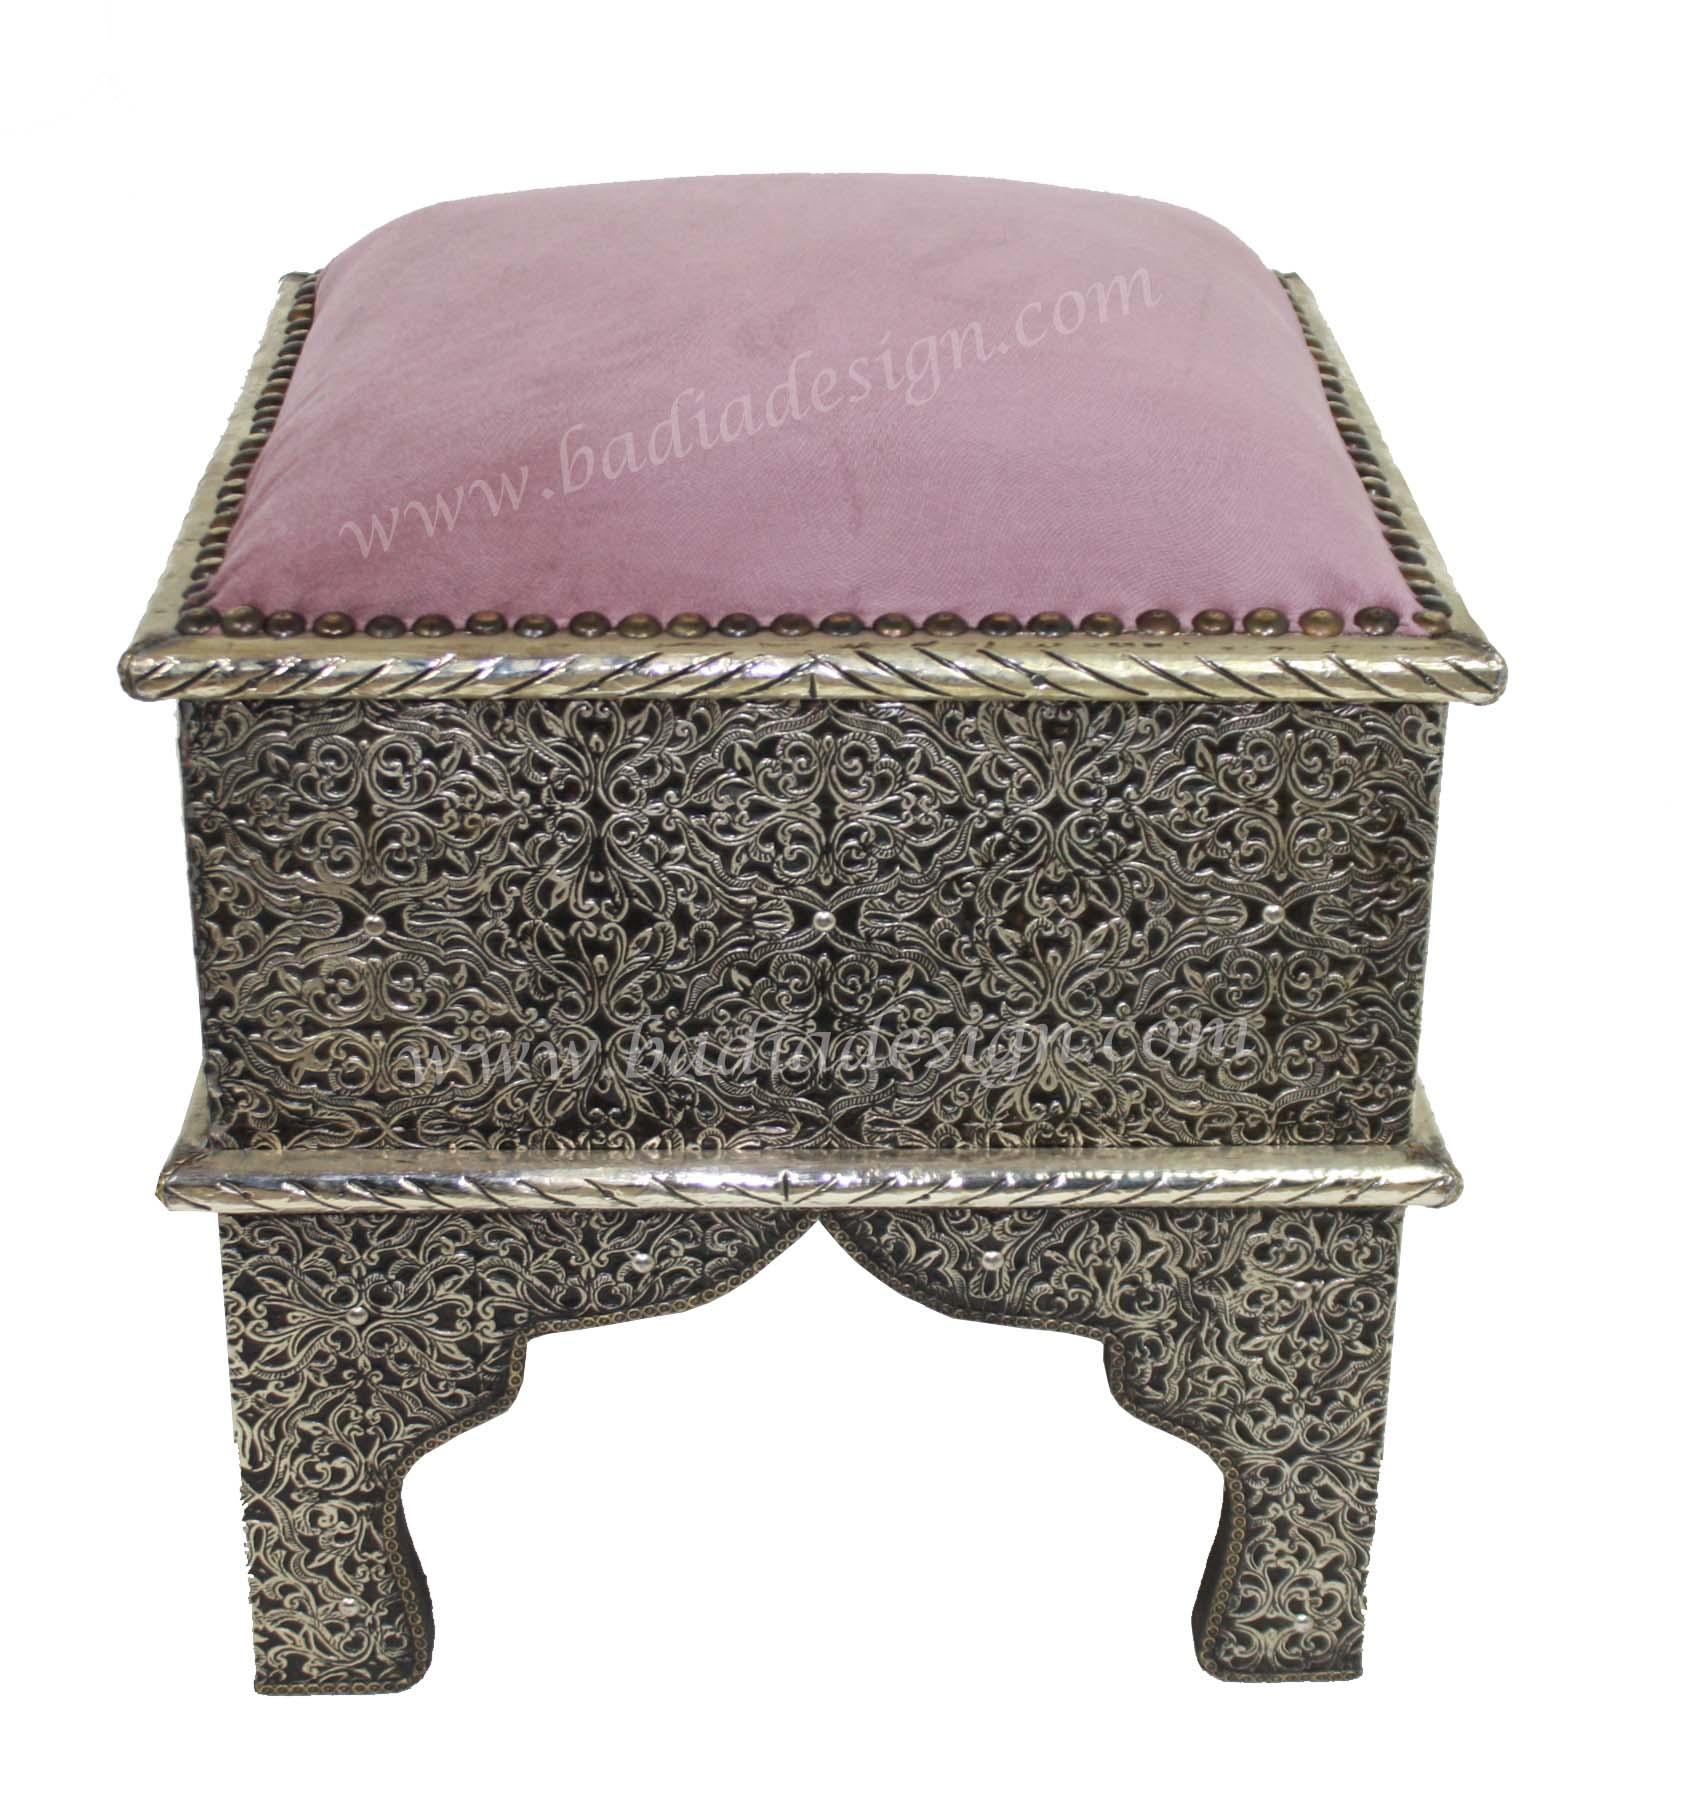 moroccan-metal-and-fabric-ottoman-1.jpg